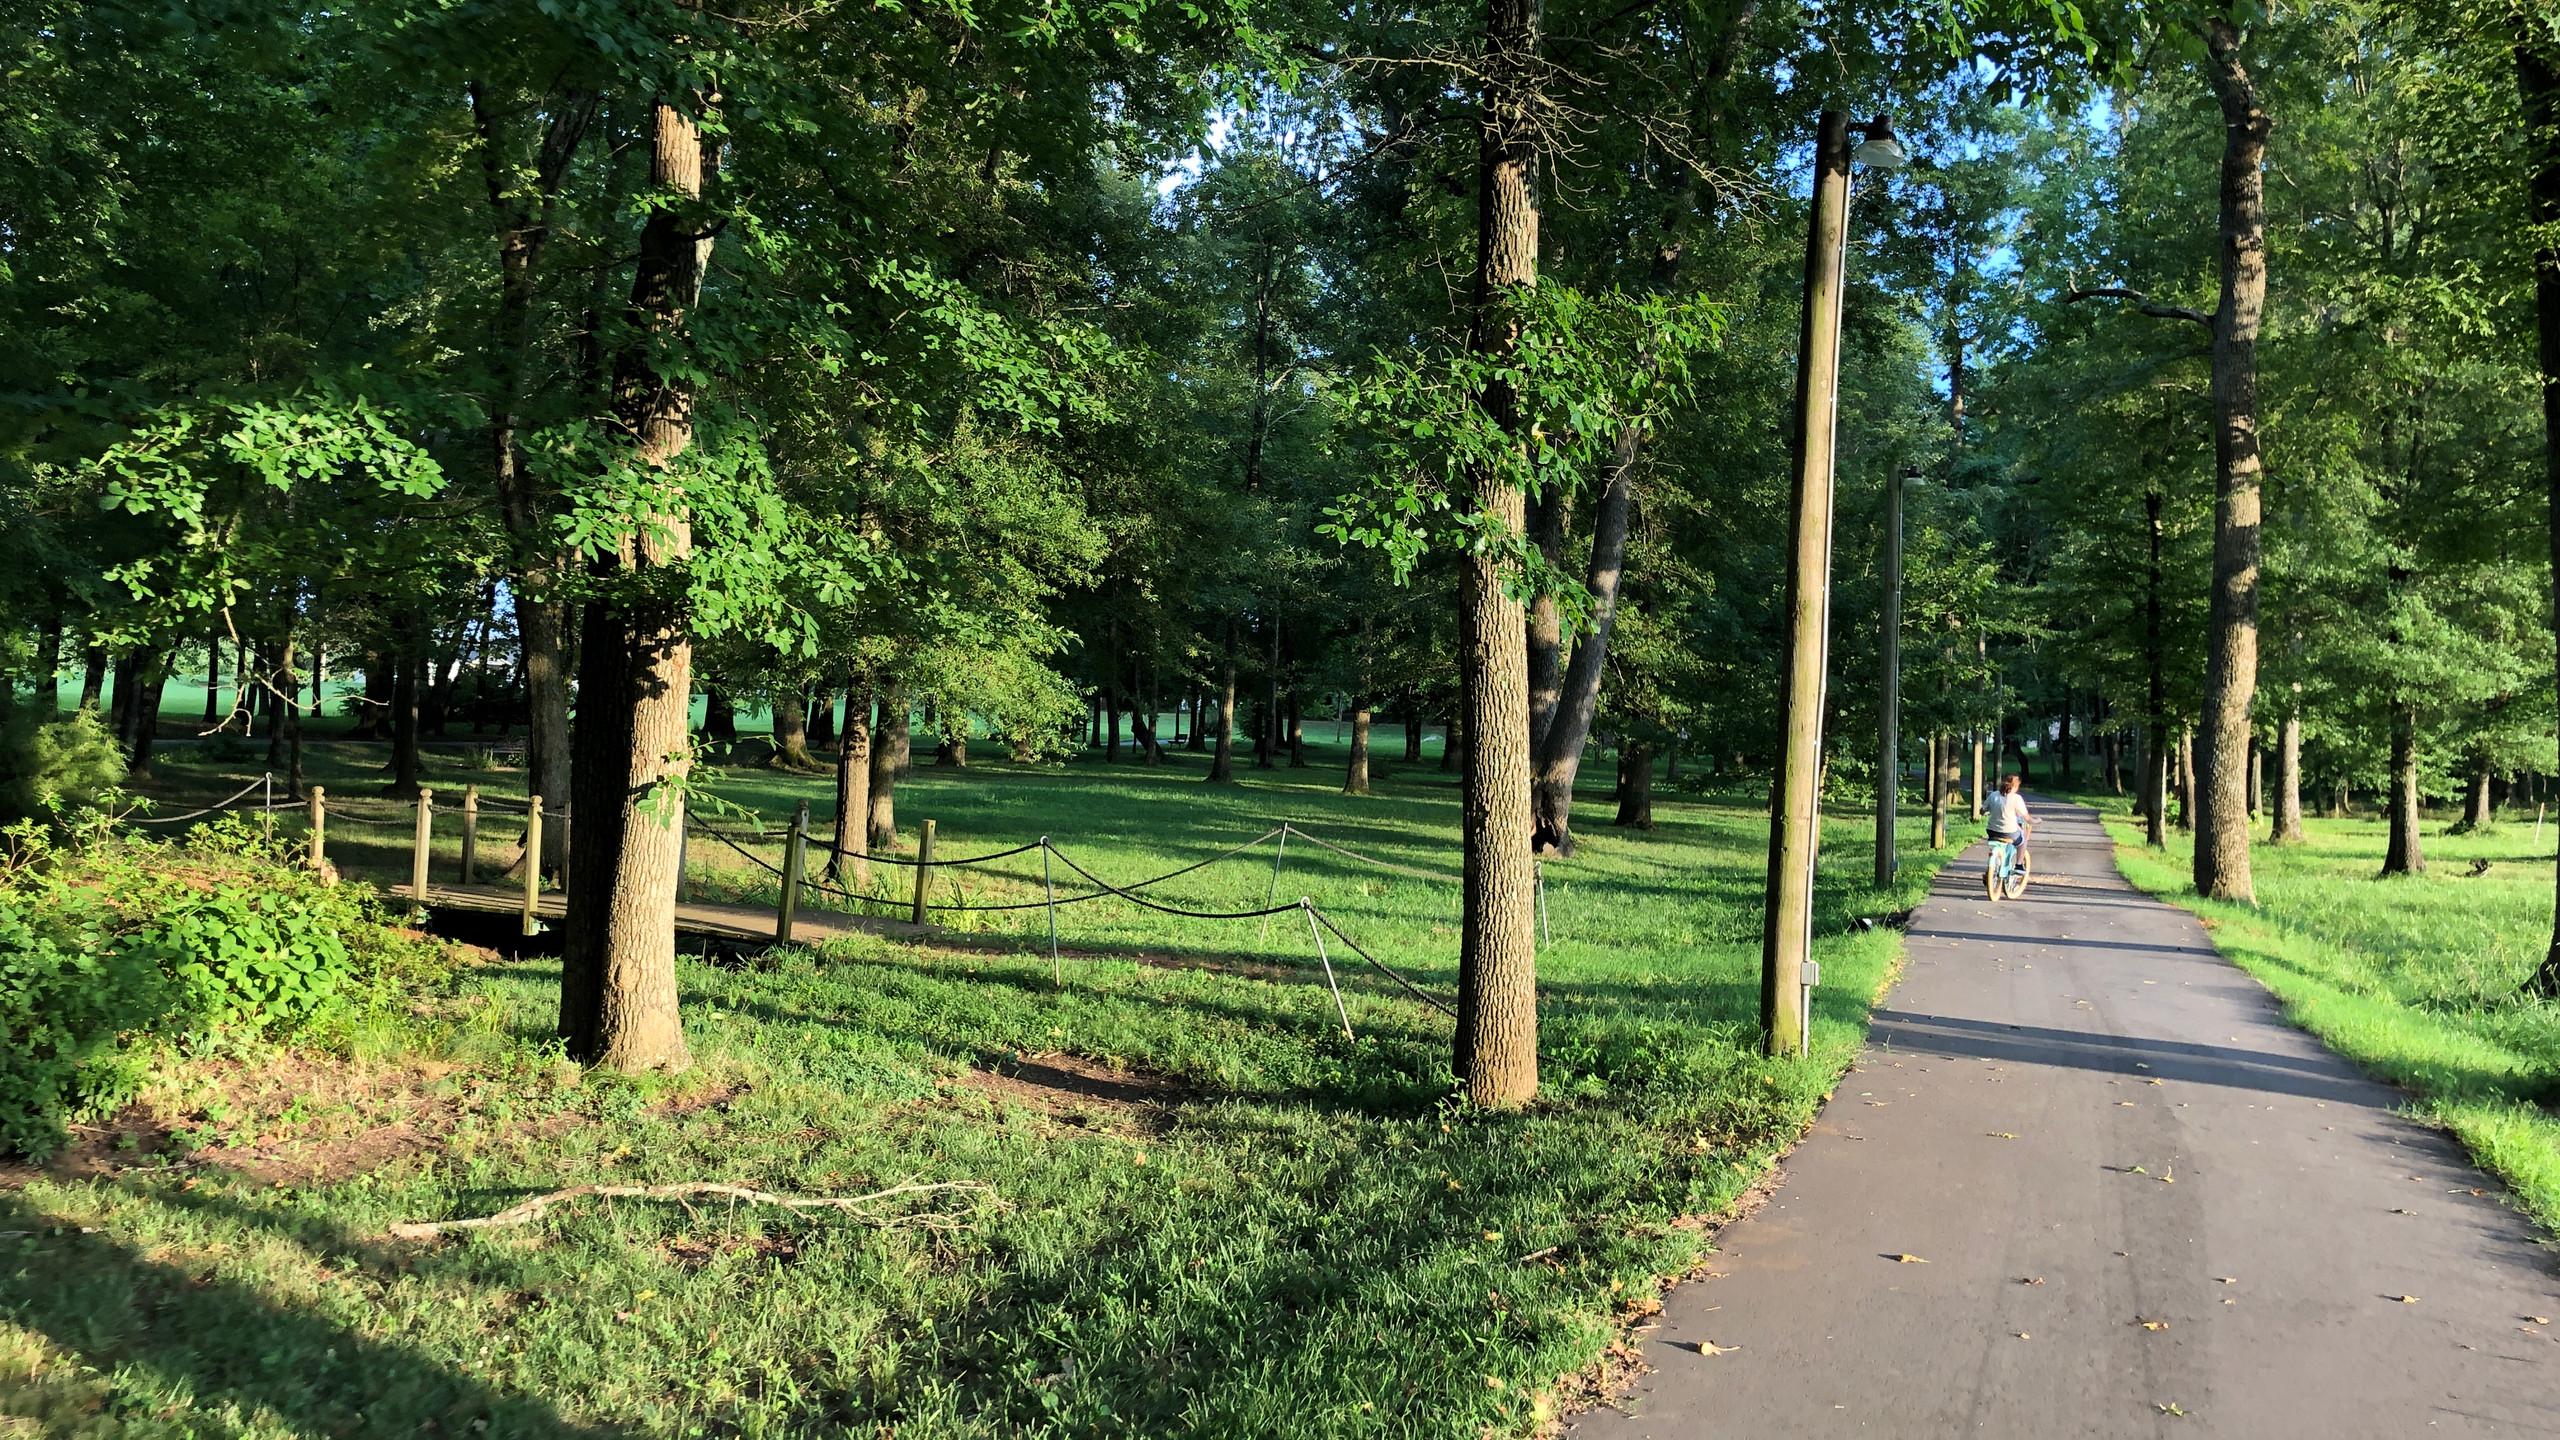 St. Florian City Park